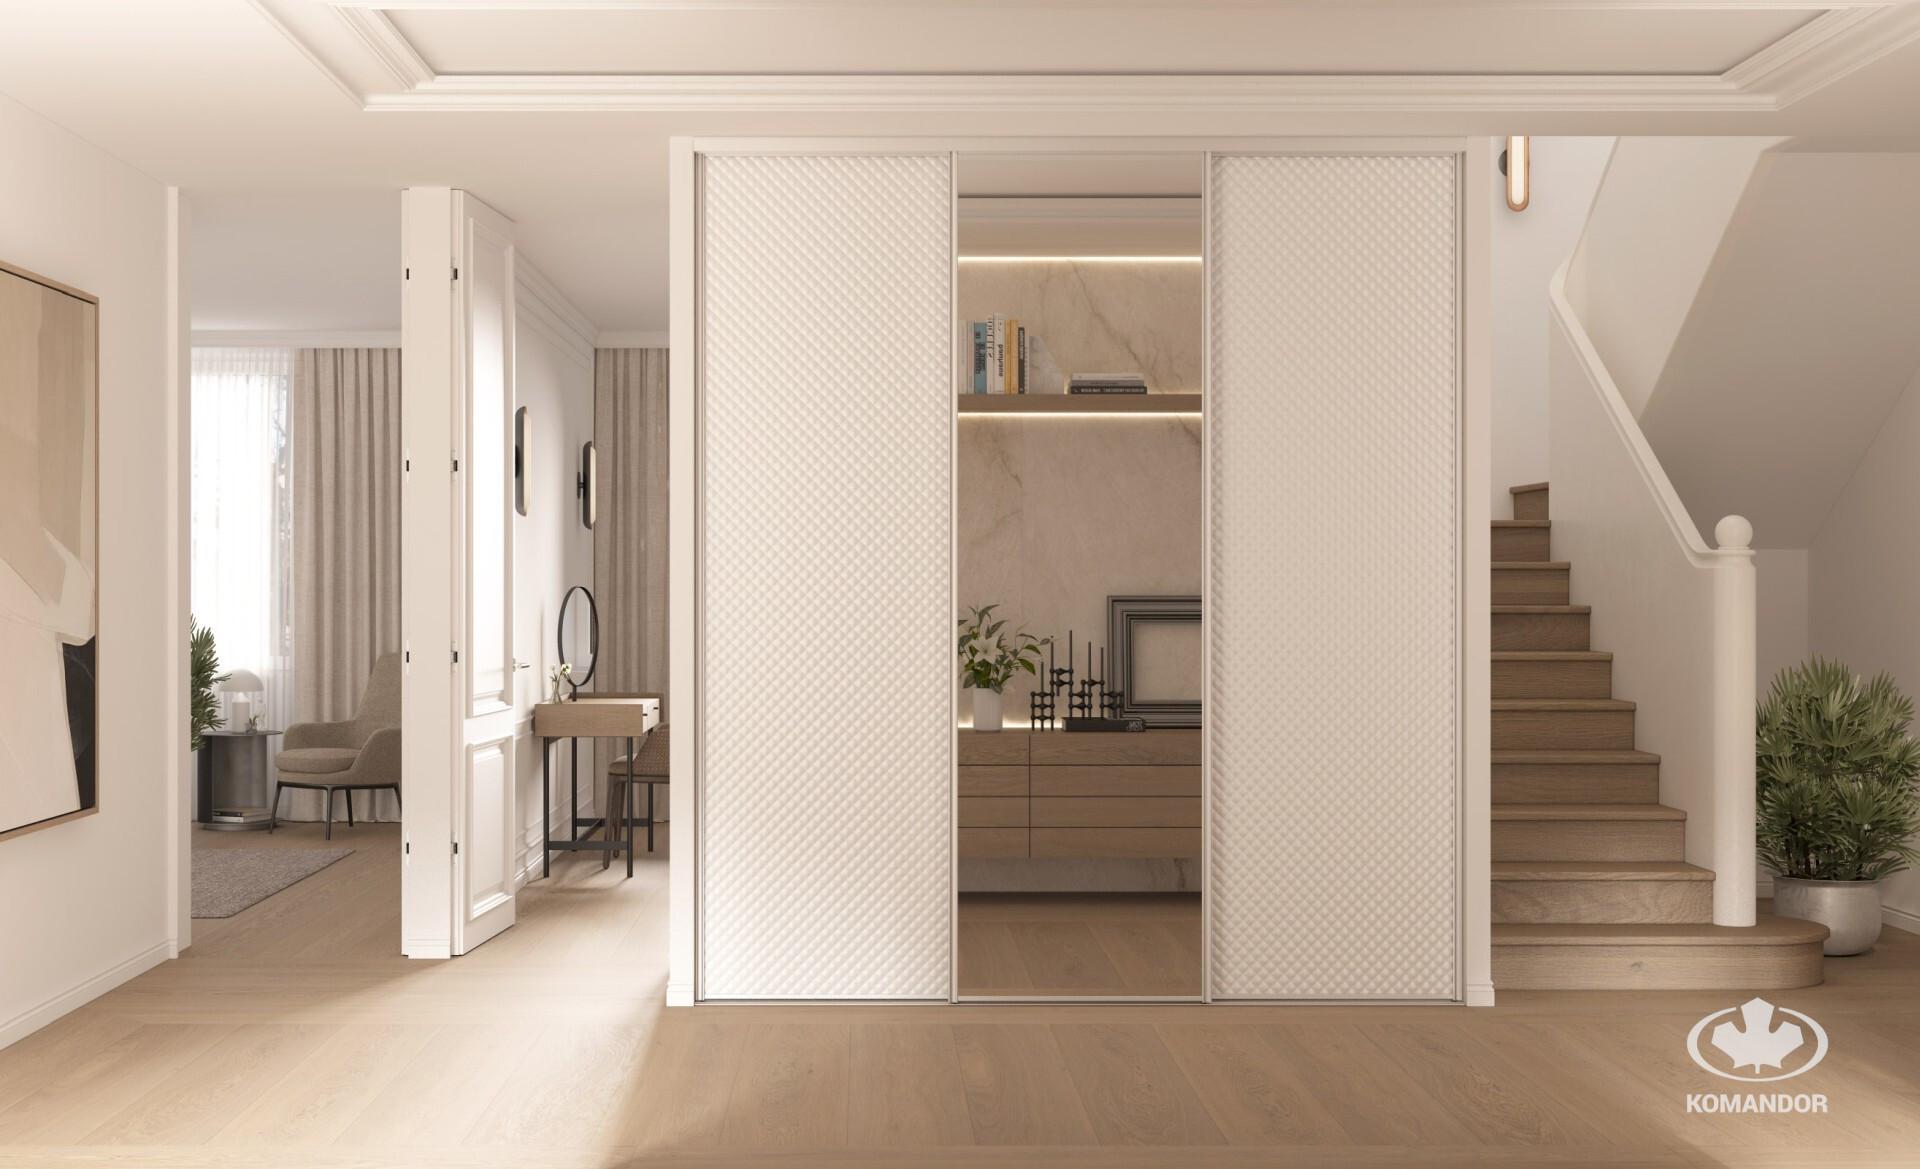 Tükrös nappali beépített szekrény elegáns bőr borítással